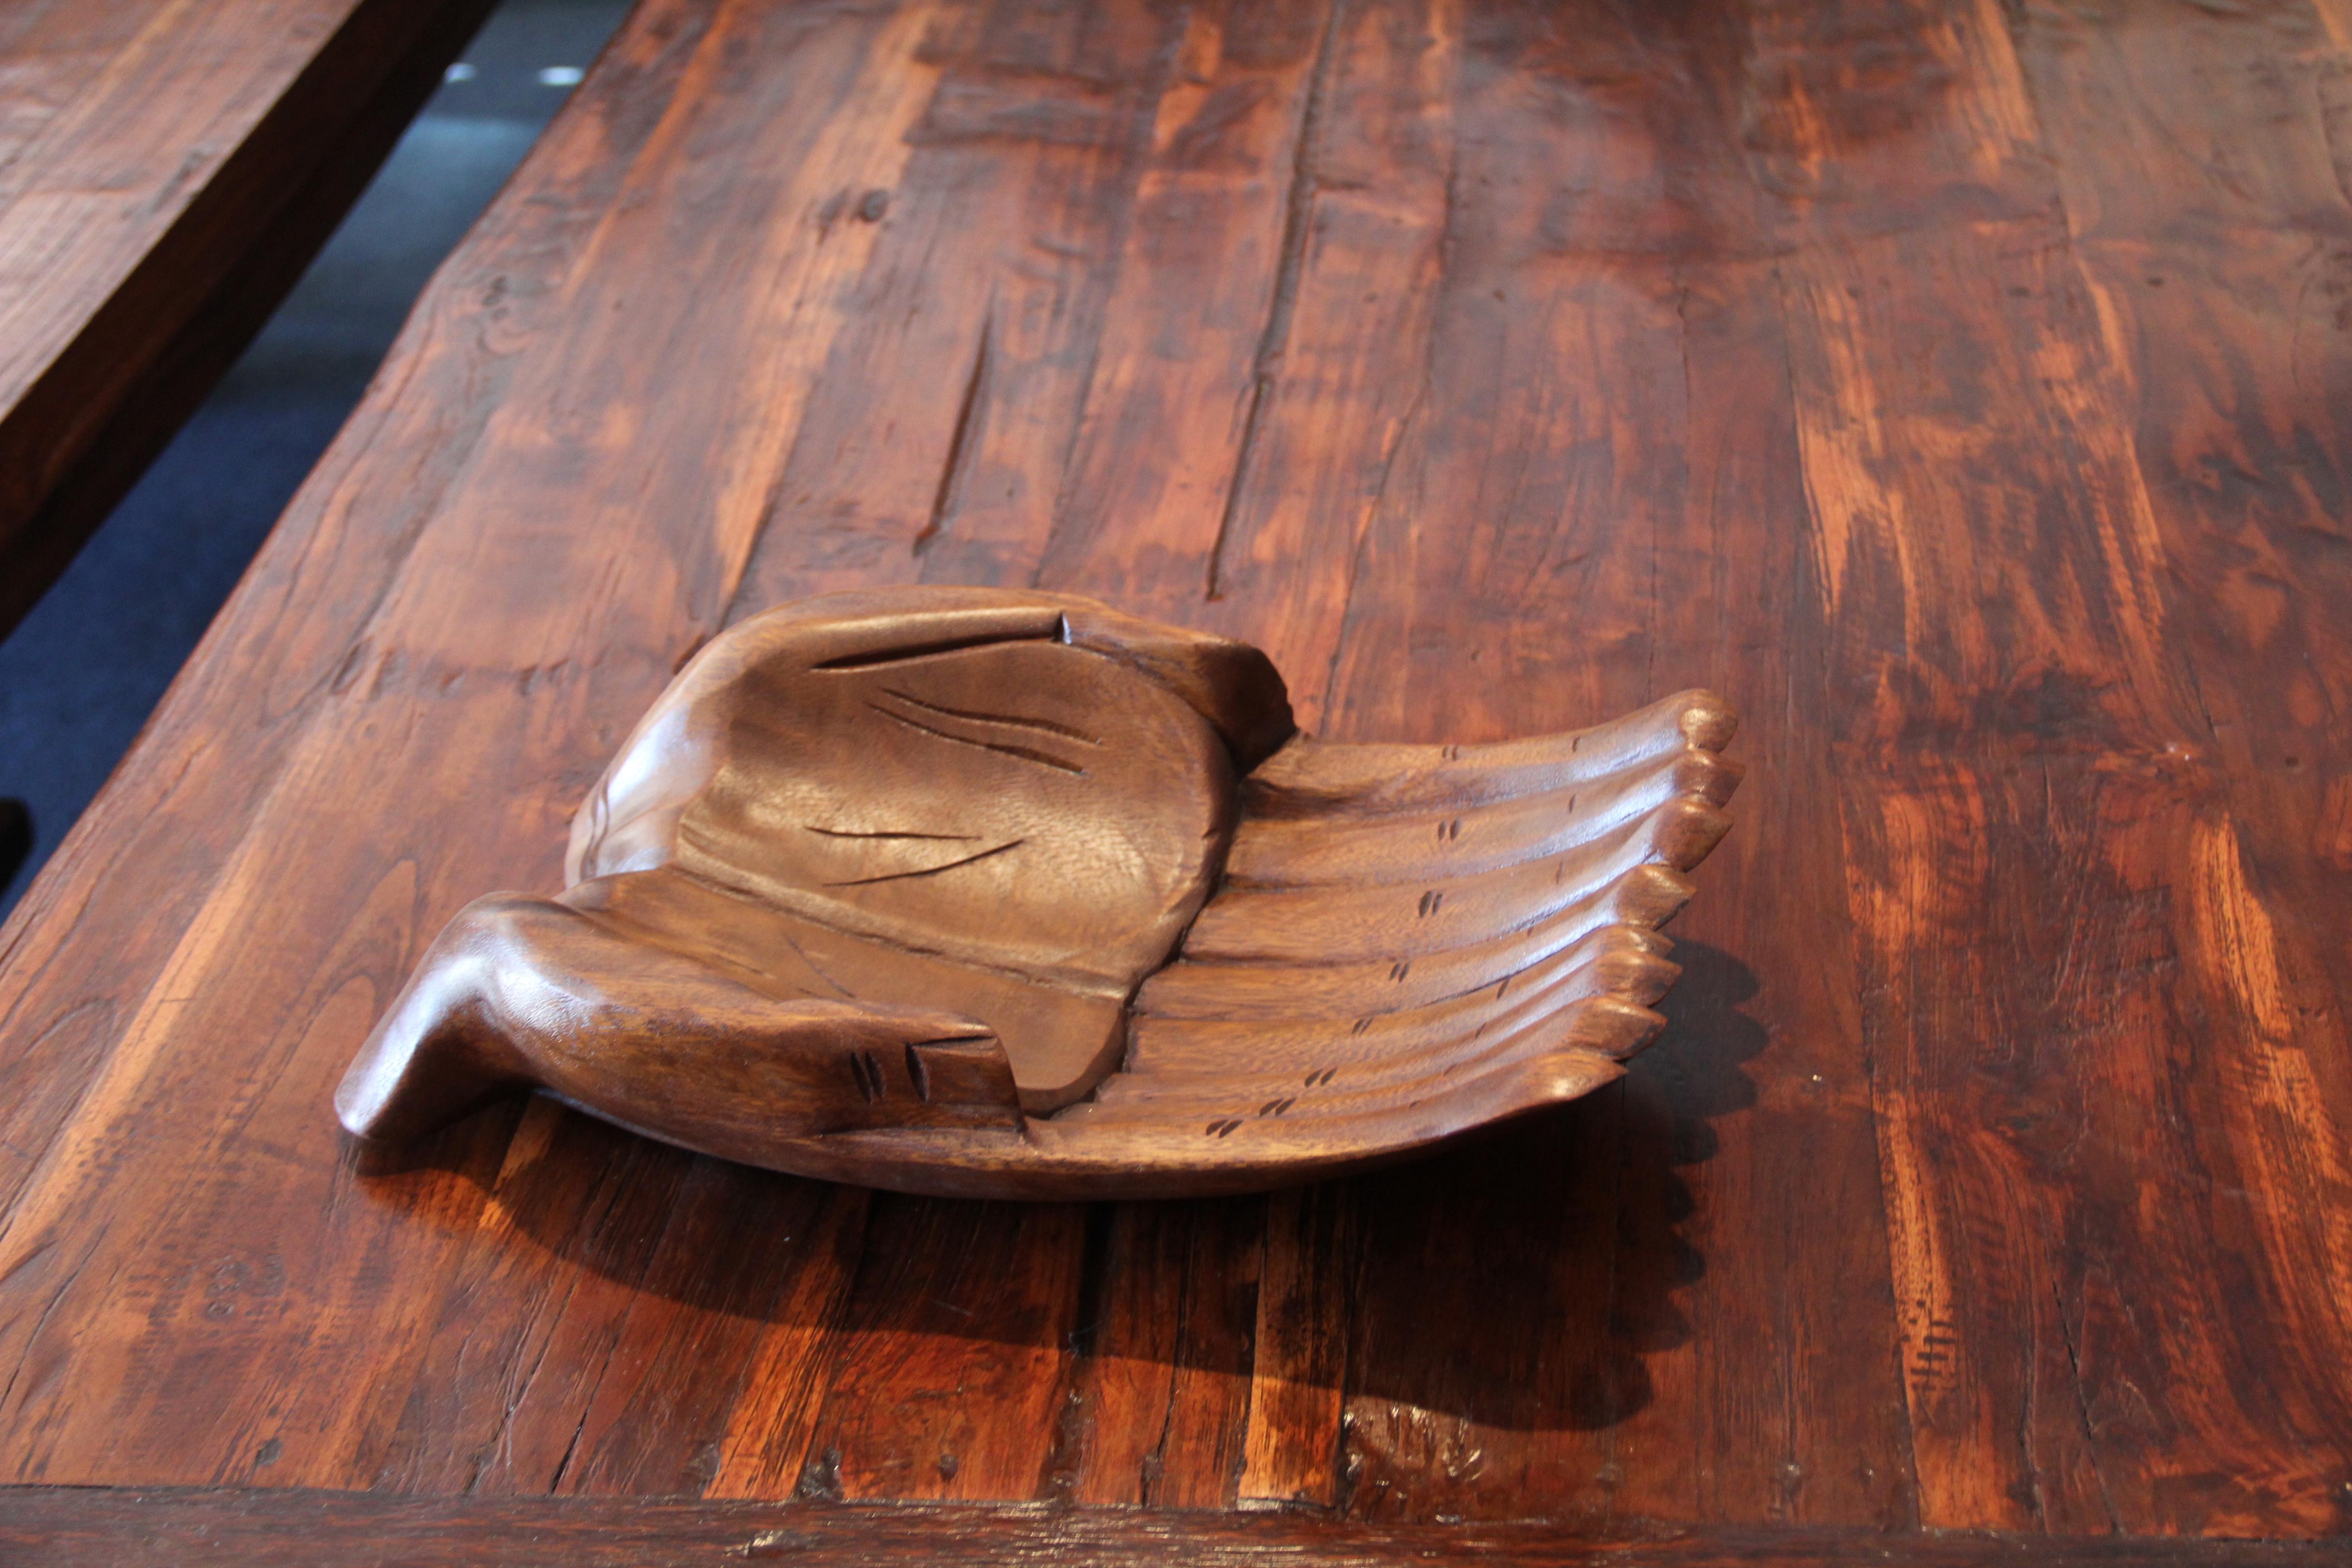 Mahogany Hand bowl